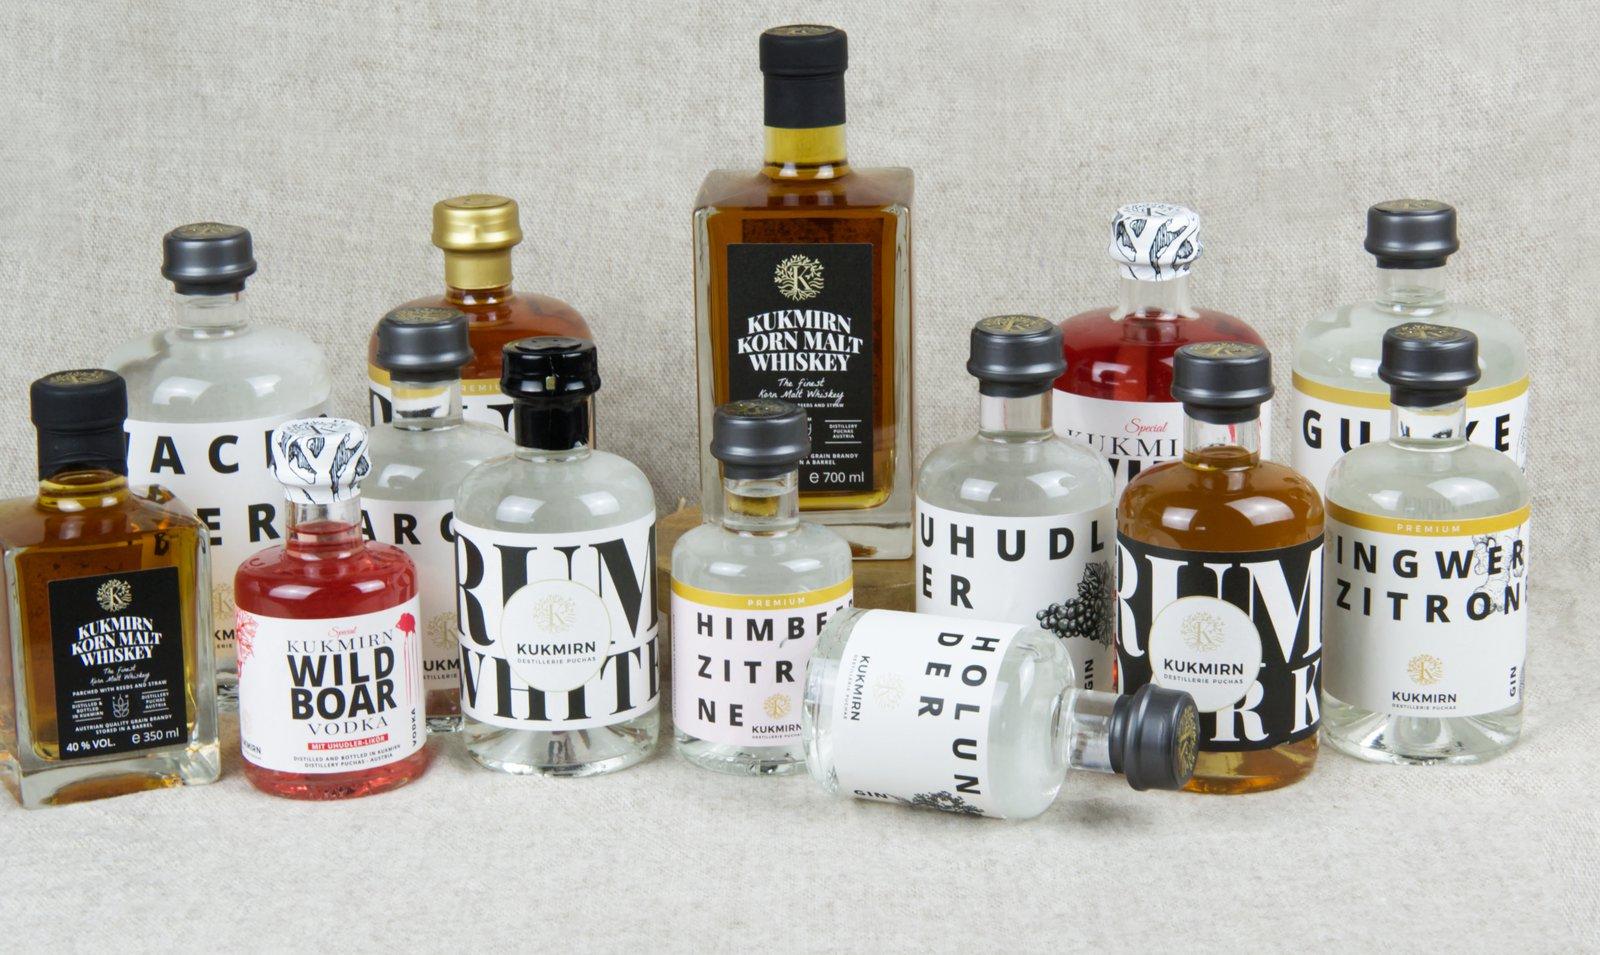 Mix dir deinen Sommer! - NEU: Gin, Vodka, Whiskey und Rum aus der Destillerie Puchas in Kukmirn